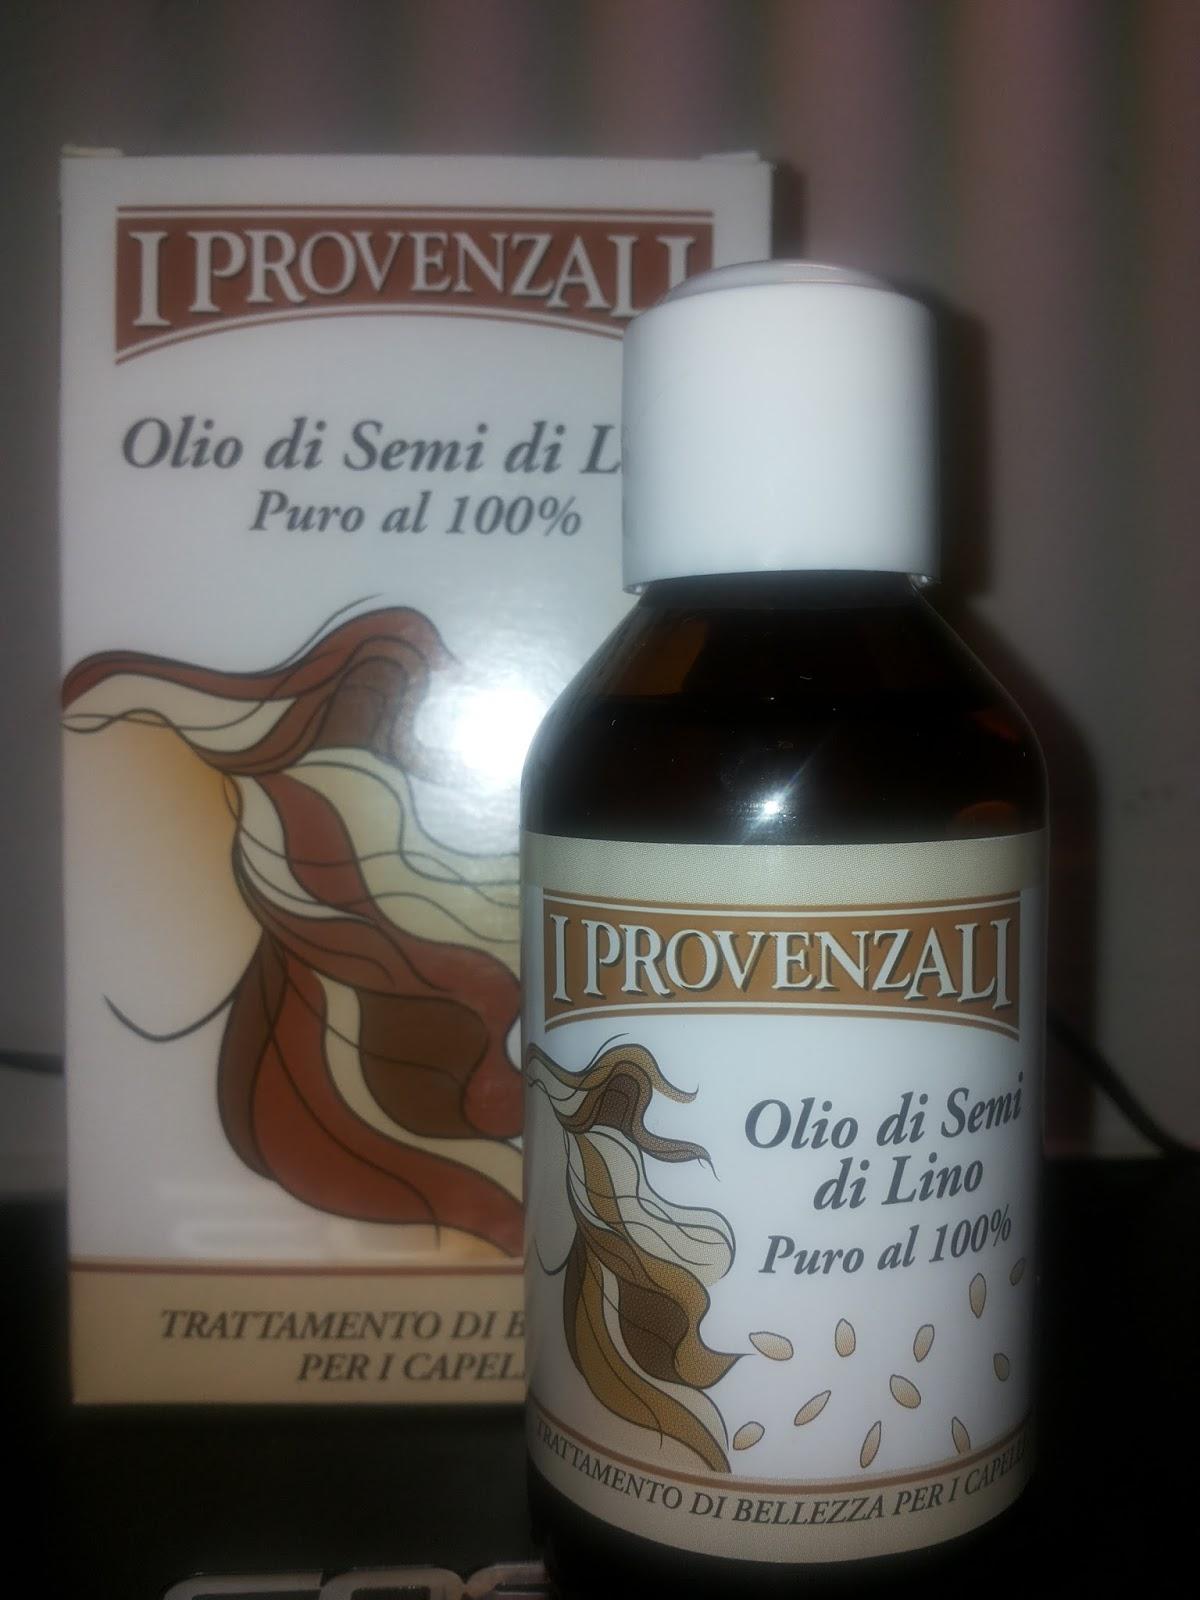 MyBeautyCrazyAdventures: Review - Olio di Semi di Lino Puro al 100%